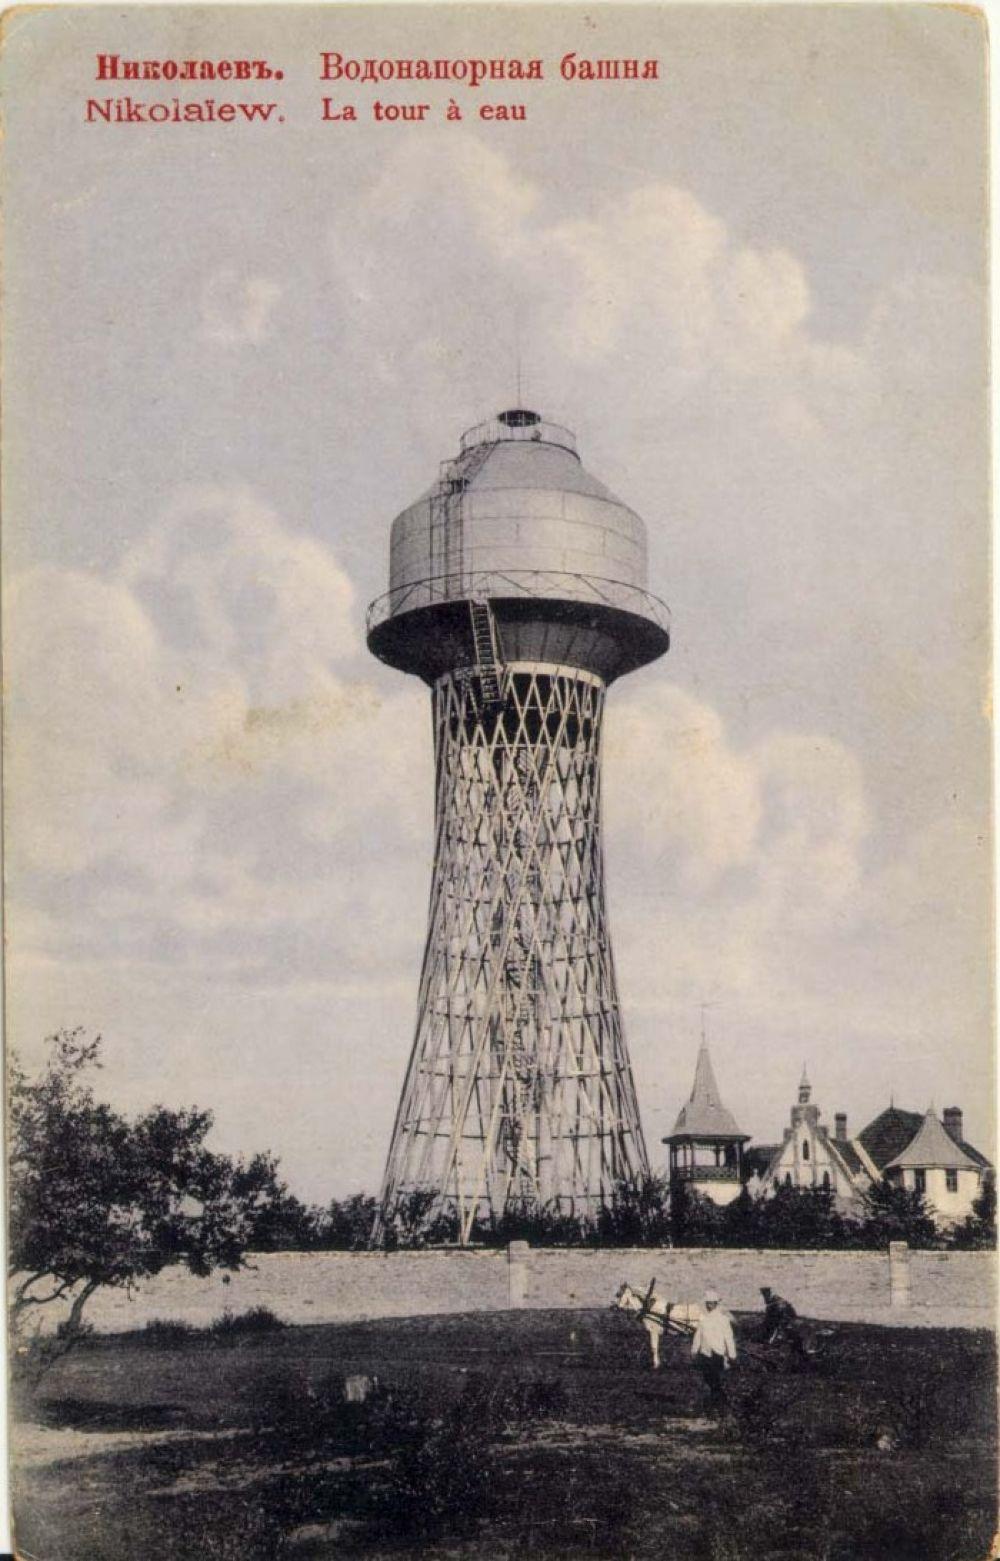 С 1896 по 1930 годы было построено свыше 200 стальных сетчатых гиперболоидных башен. Правда до наших дней сохранились не более 20. Шуховская башня в Николаеве.